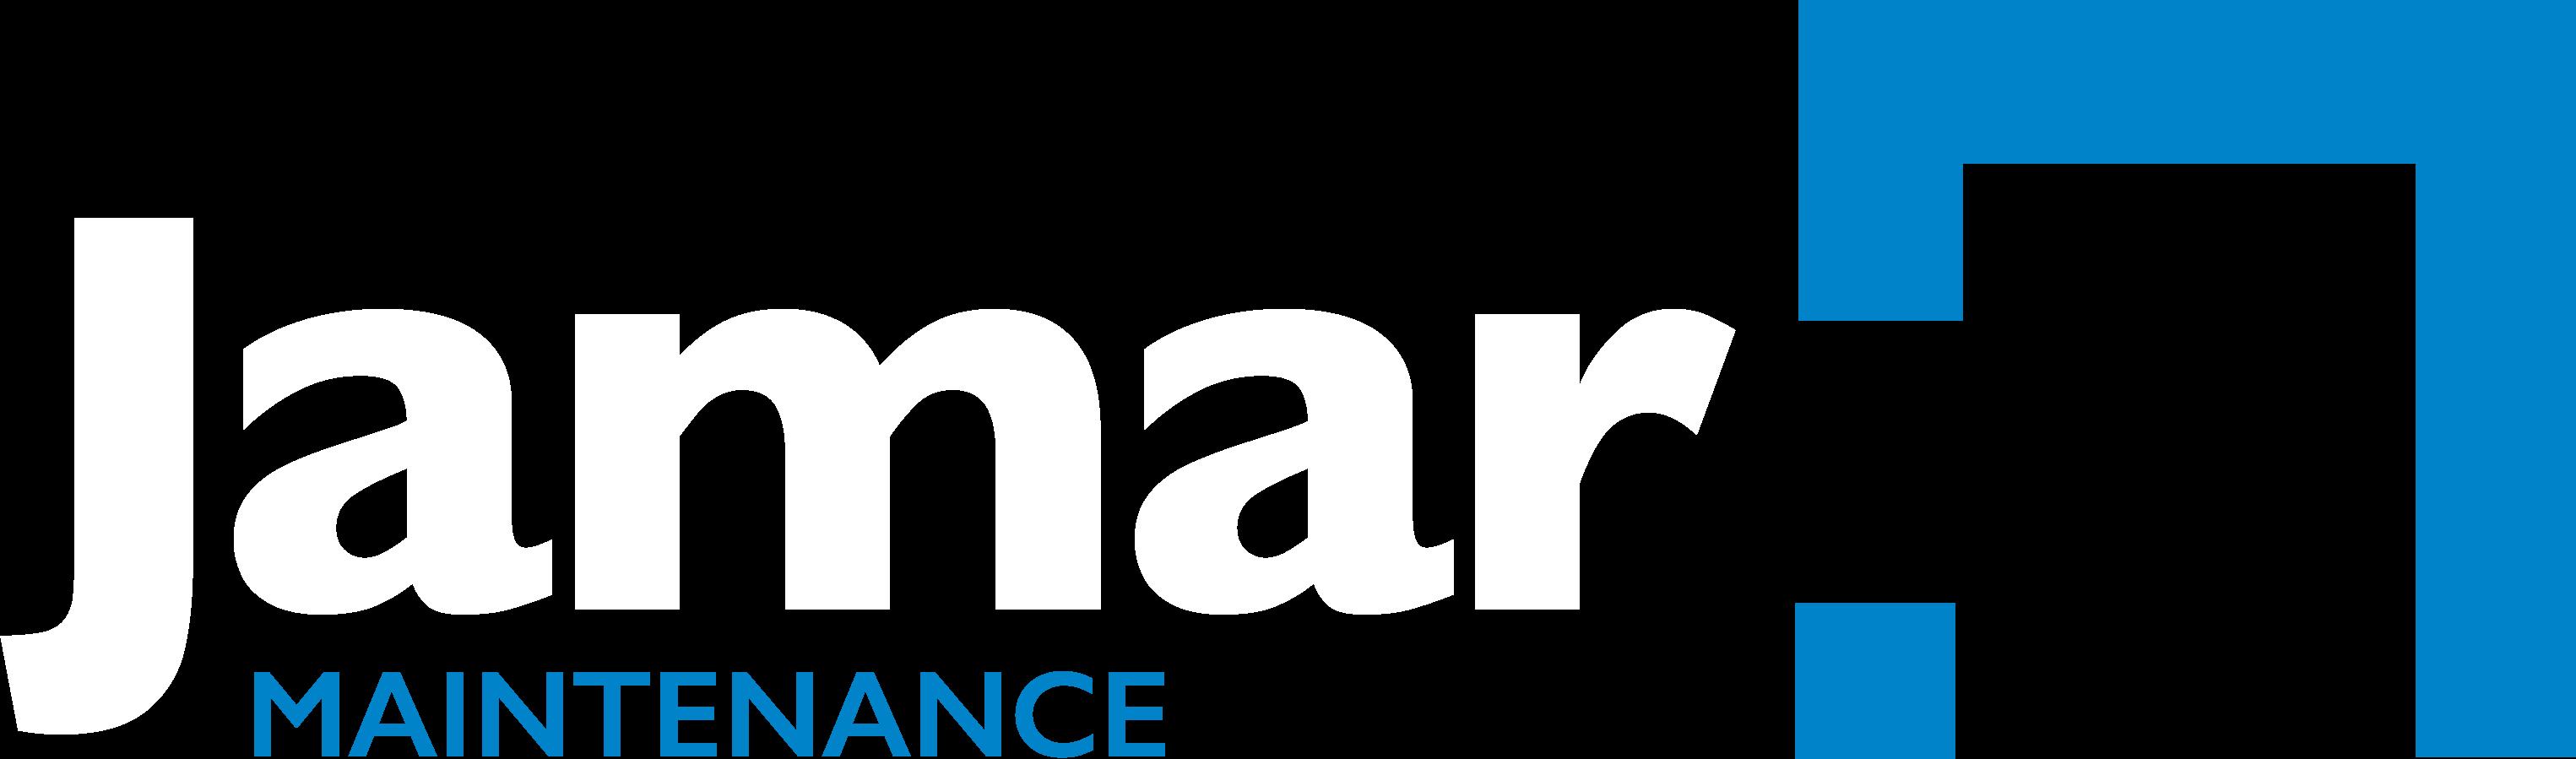 Jamar Onderhoud logo